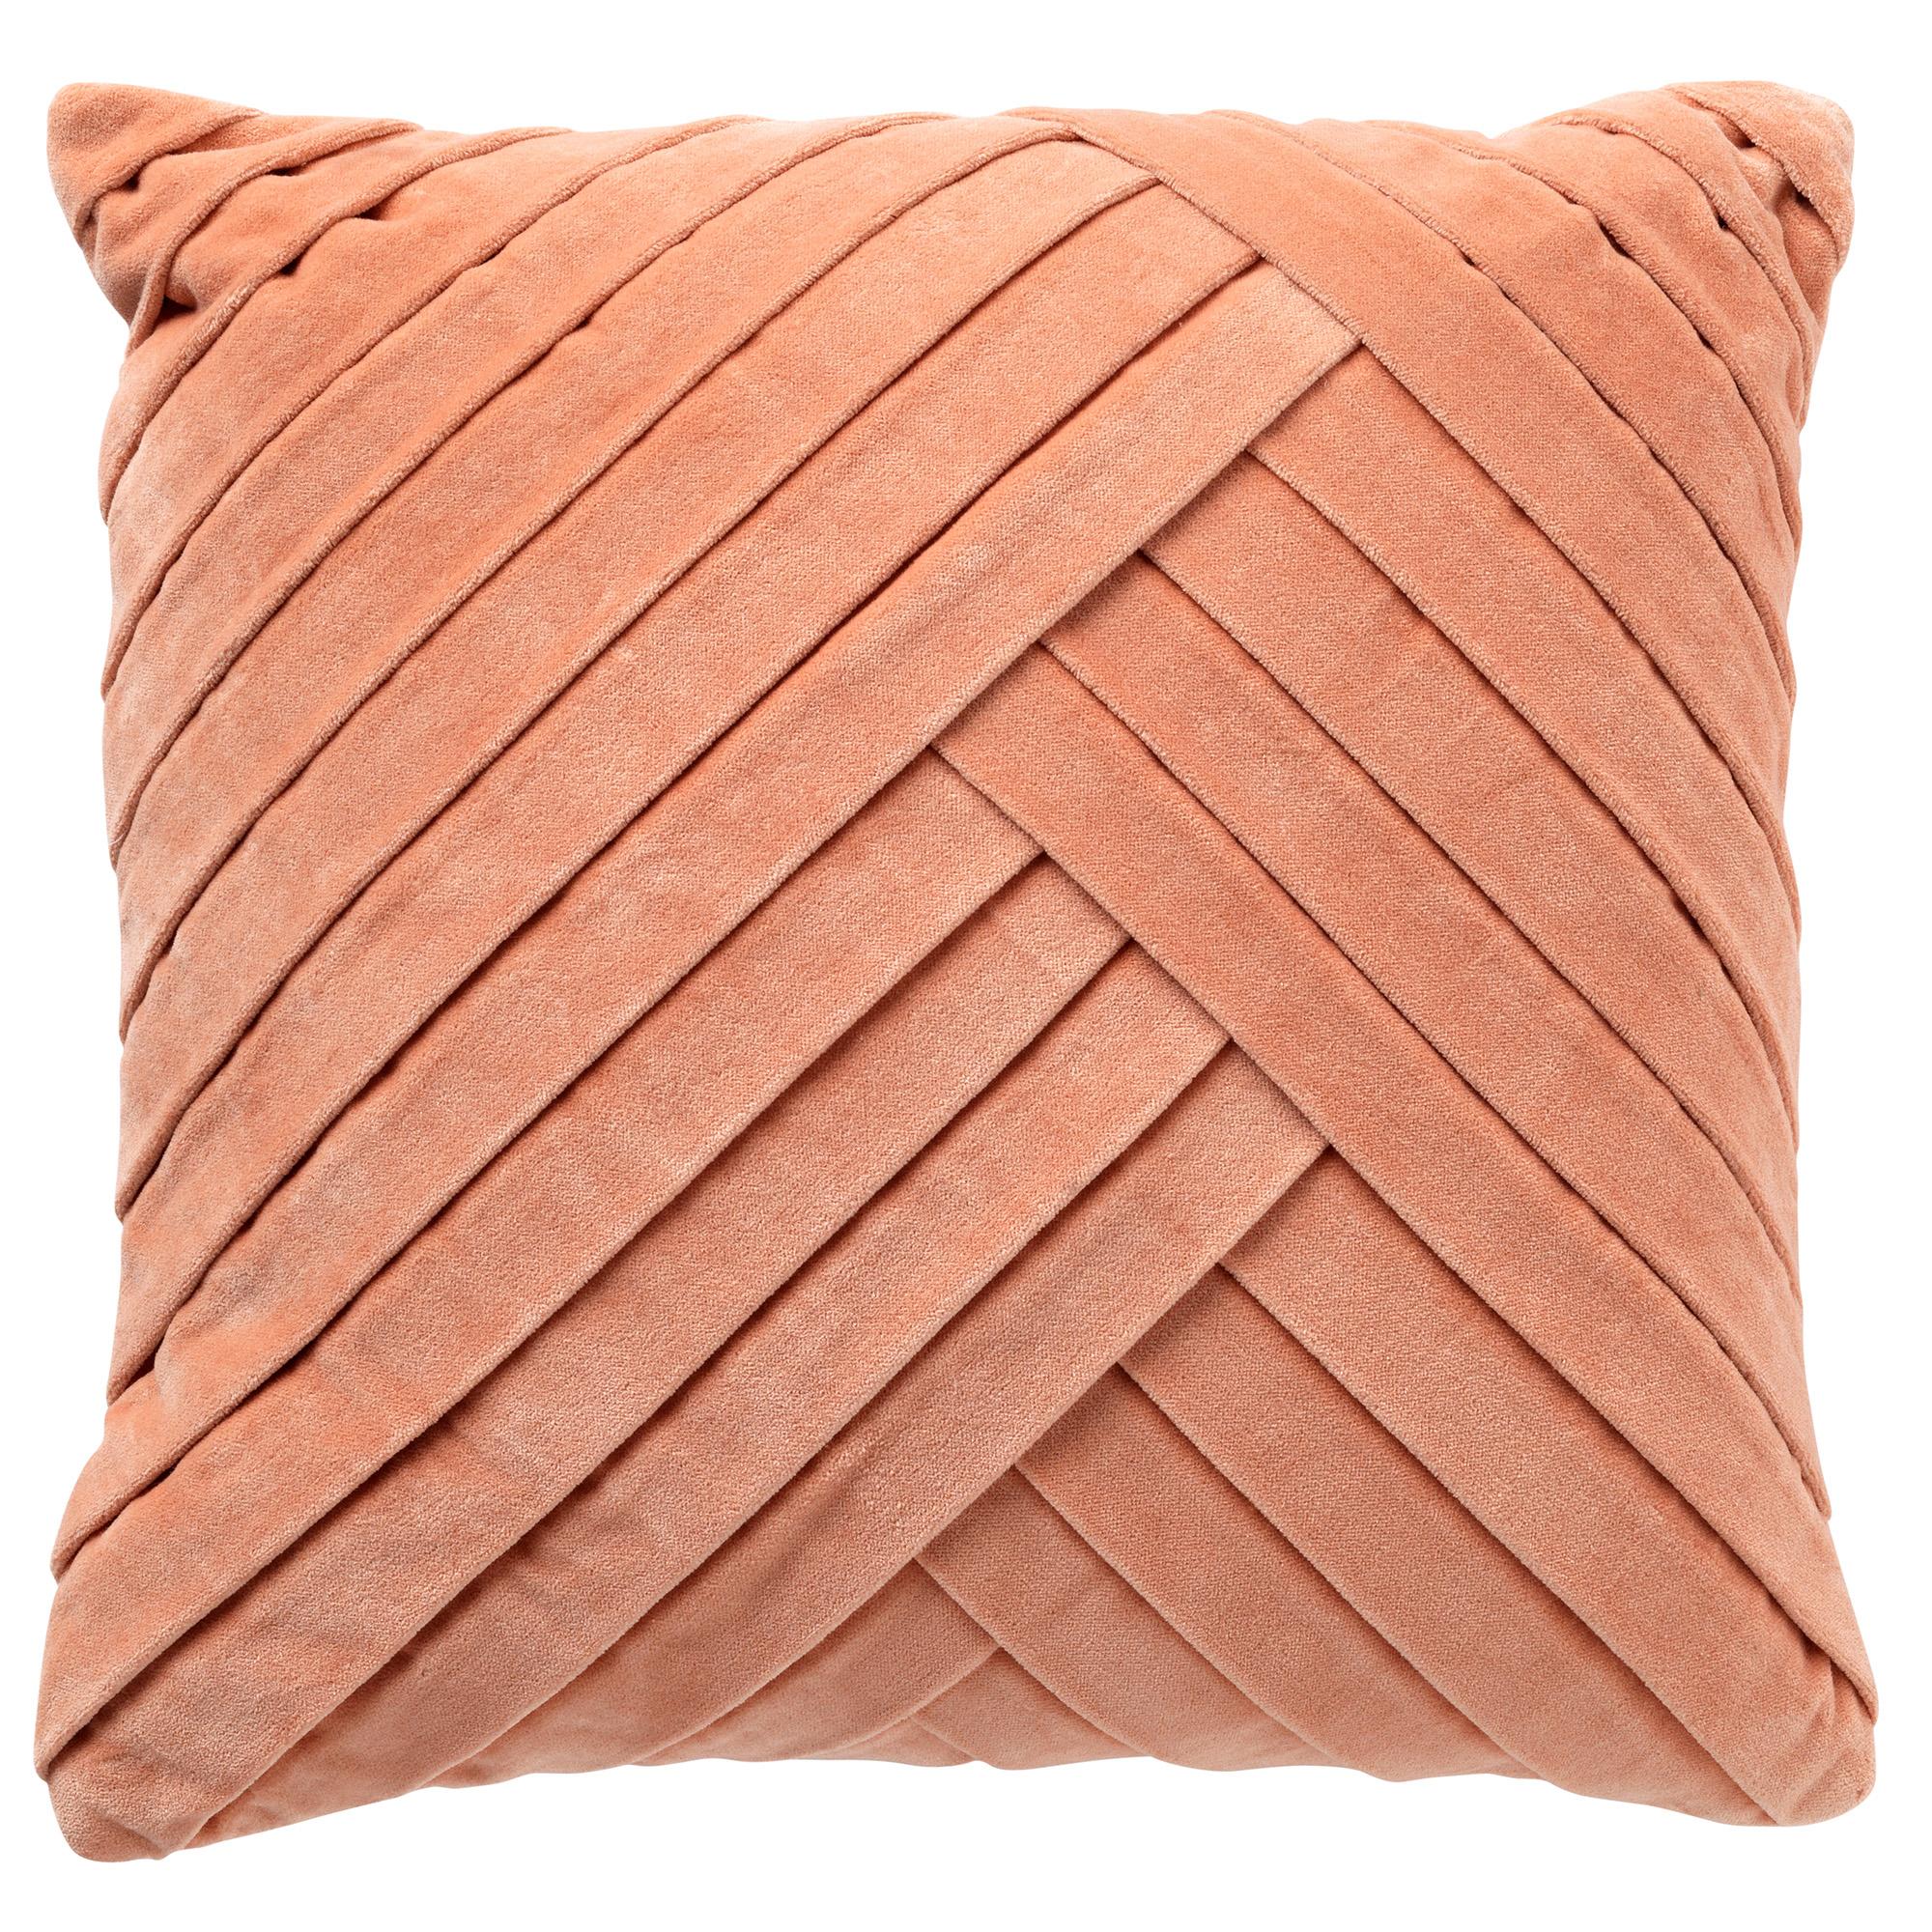 GIDI - Sierkussen velvet Muted Clay 45x45 cm